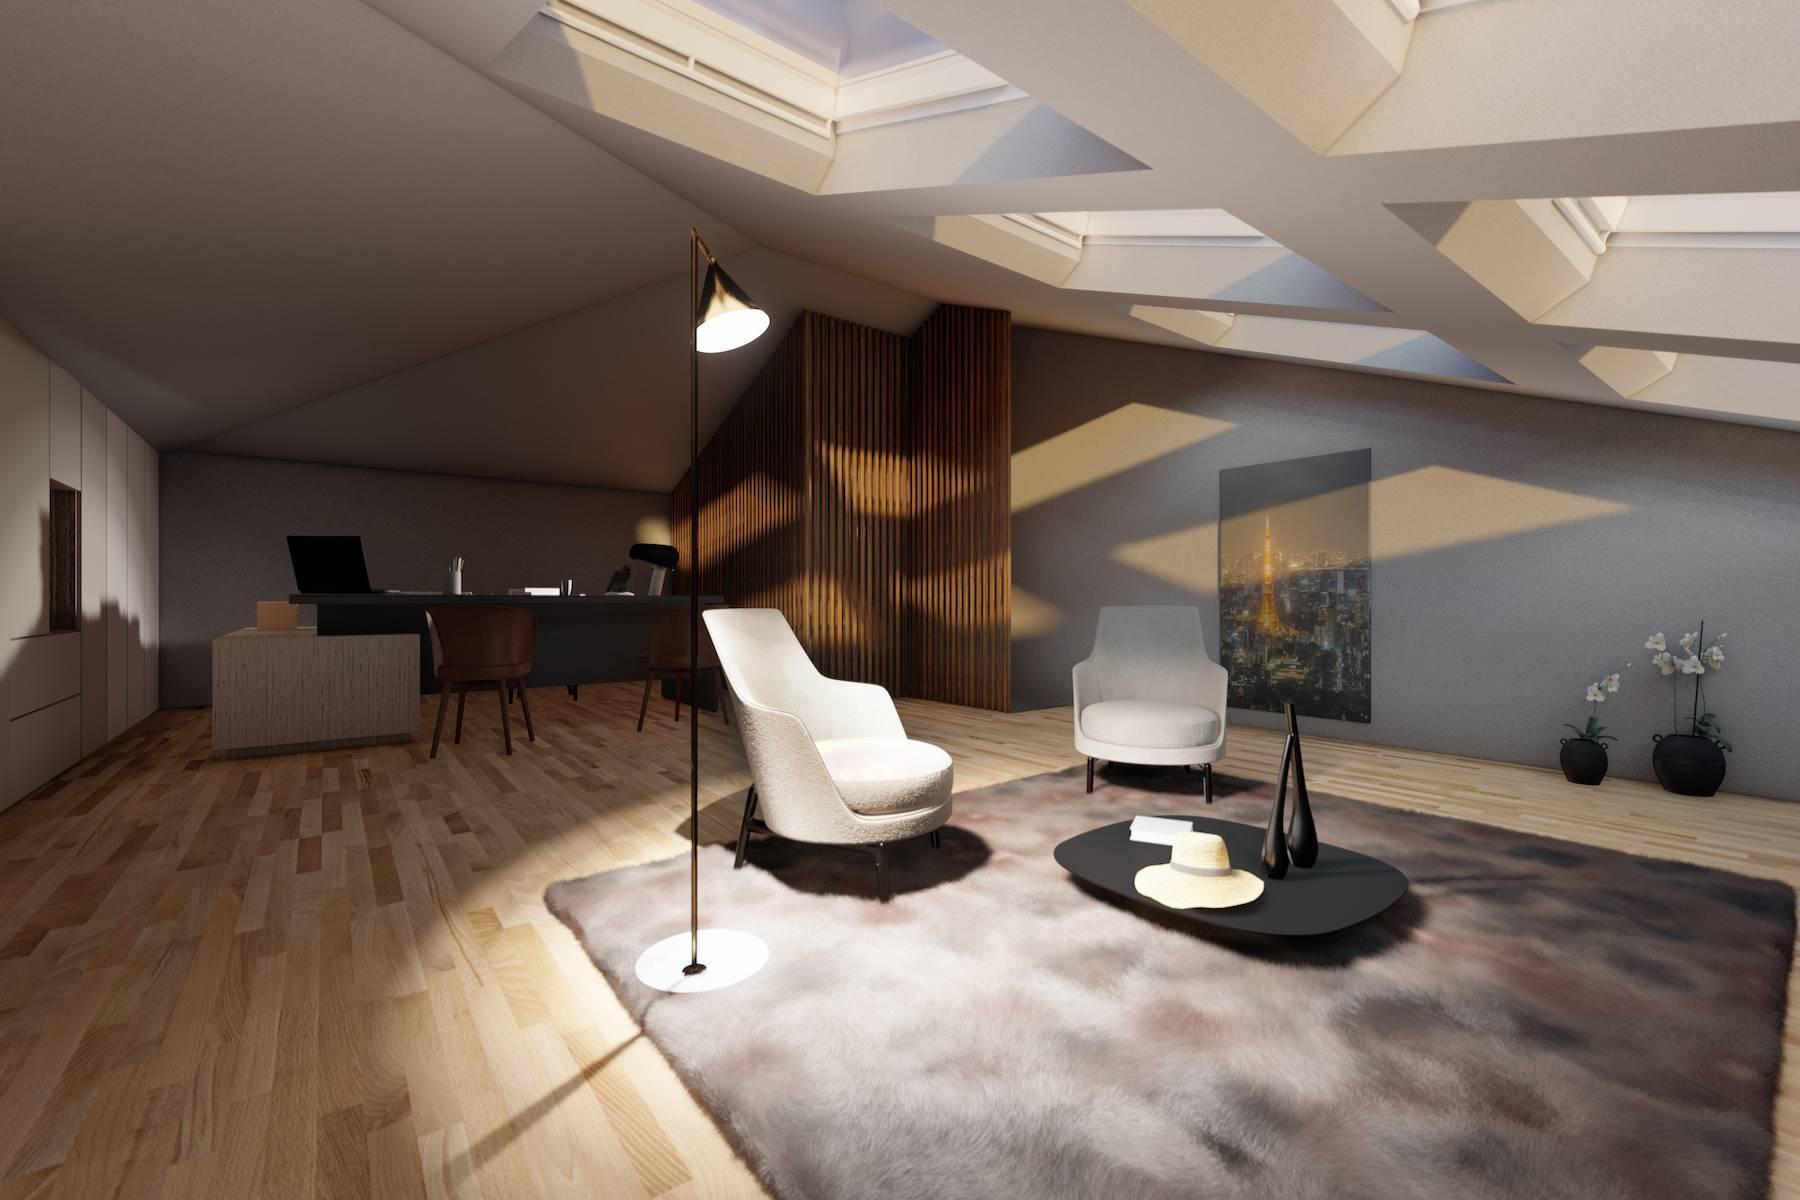 Luxus-Wohnung am Meer in Viareggio - 8